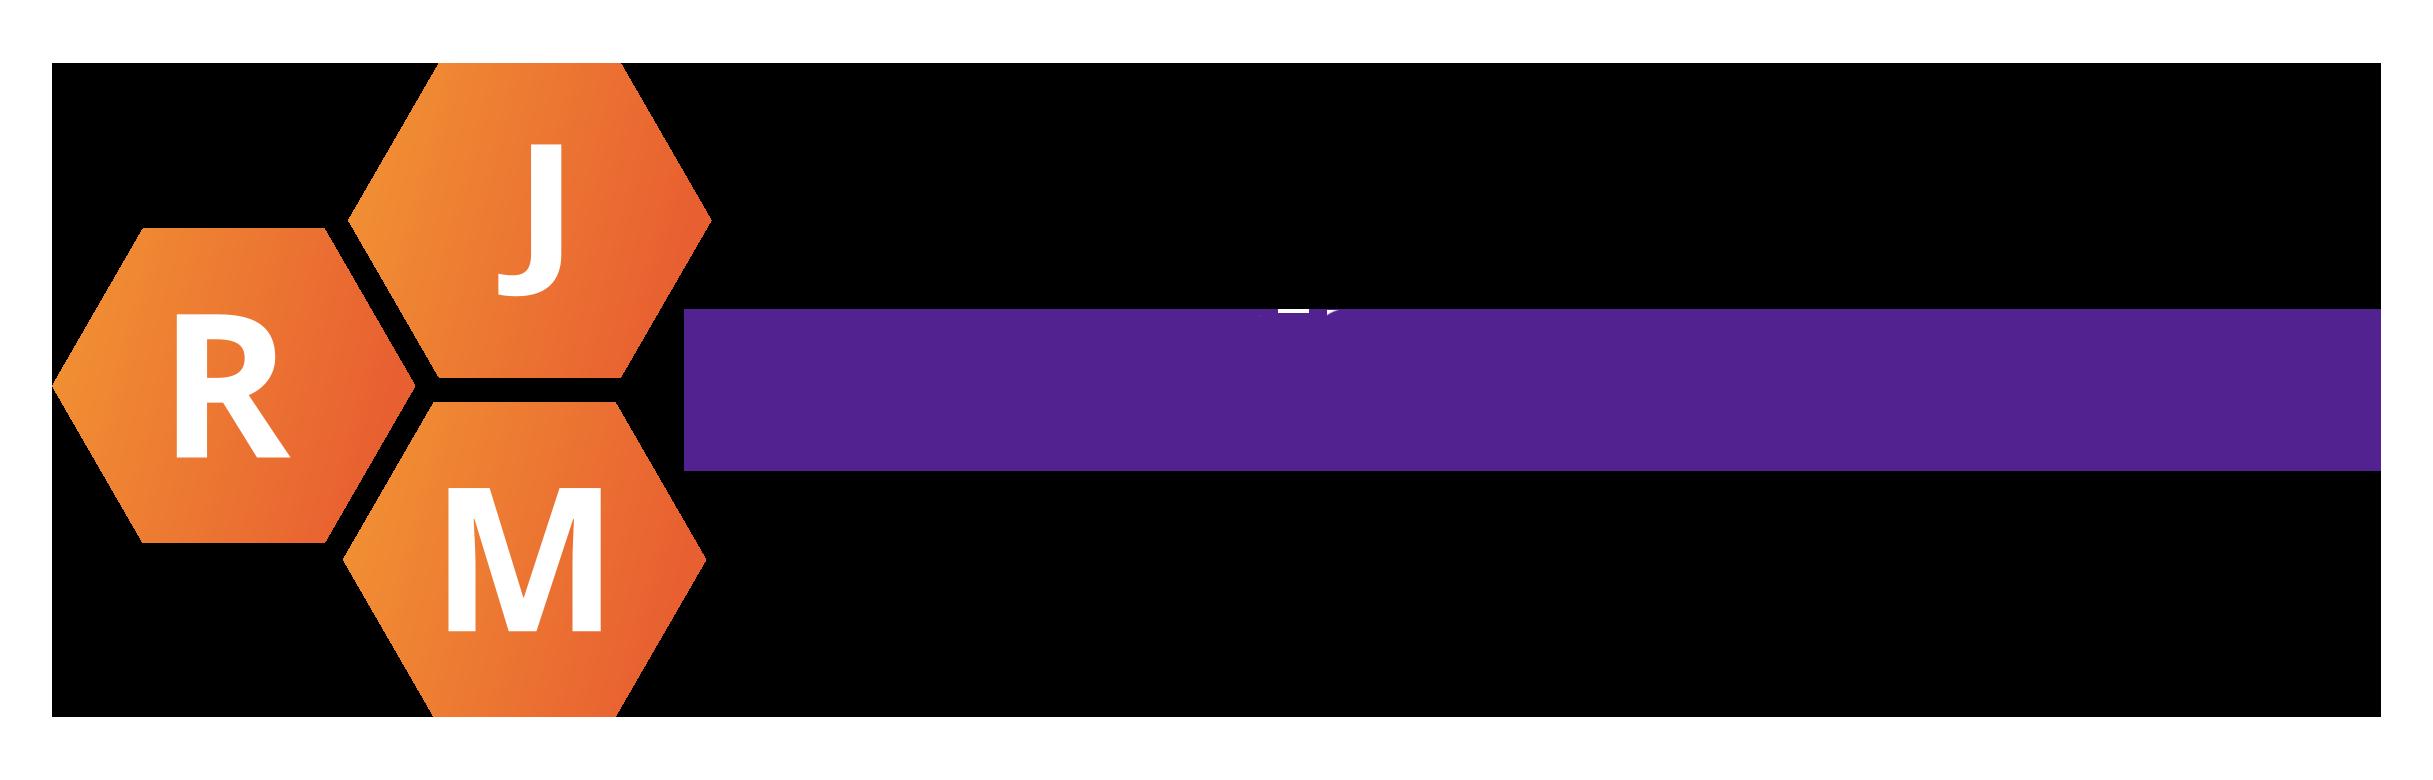 RJM Accountants